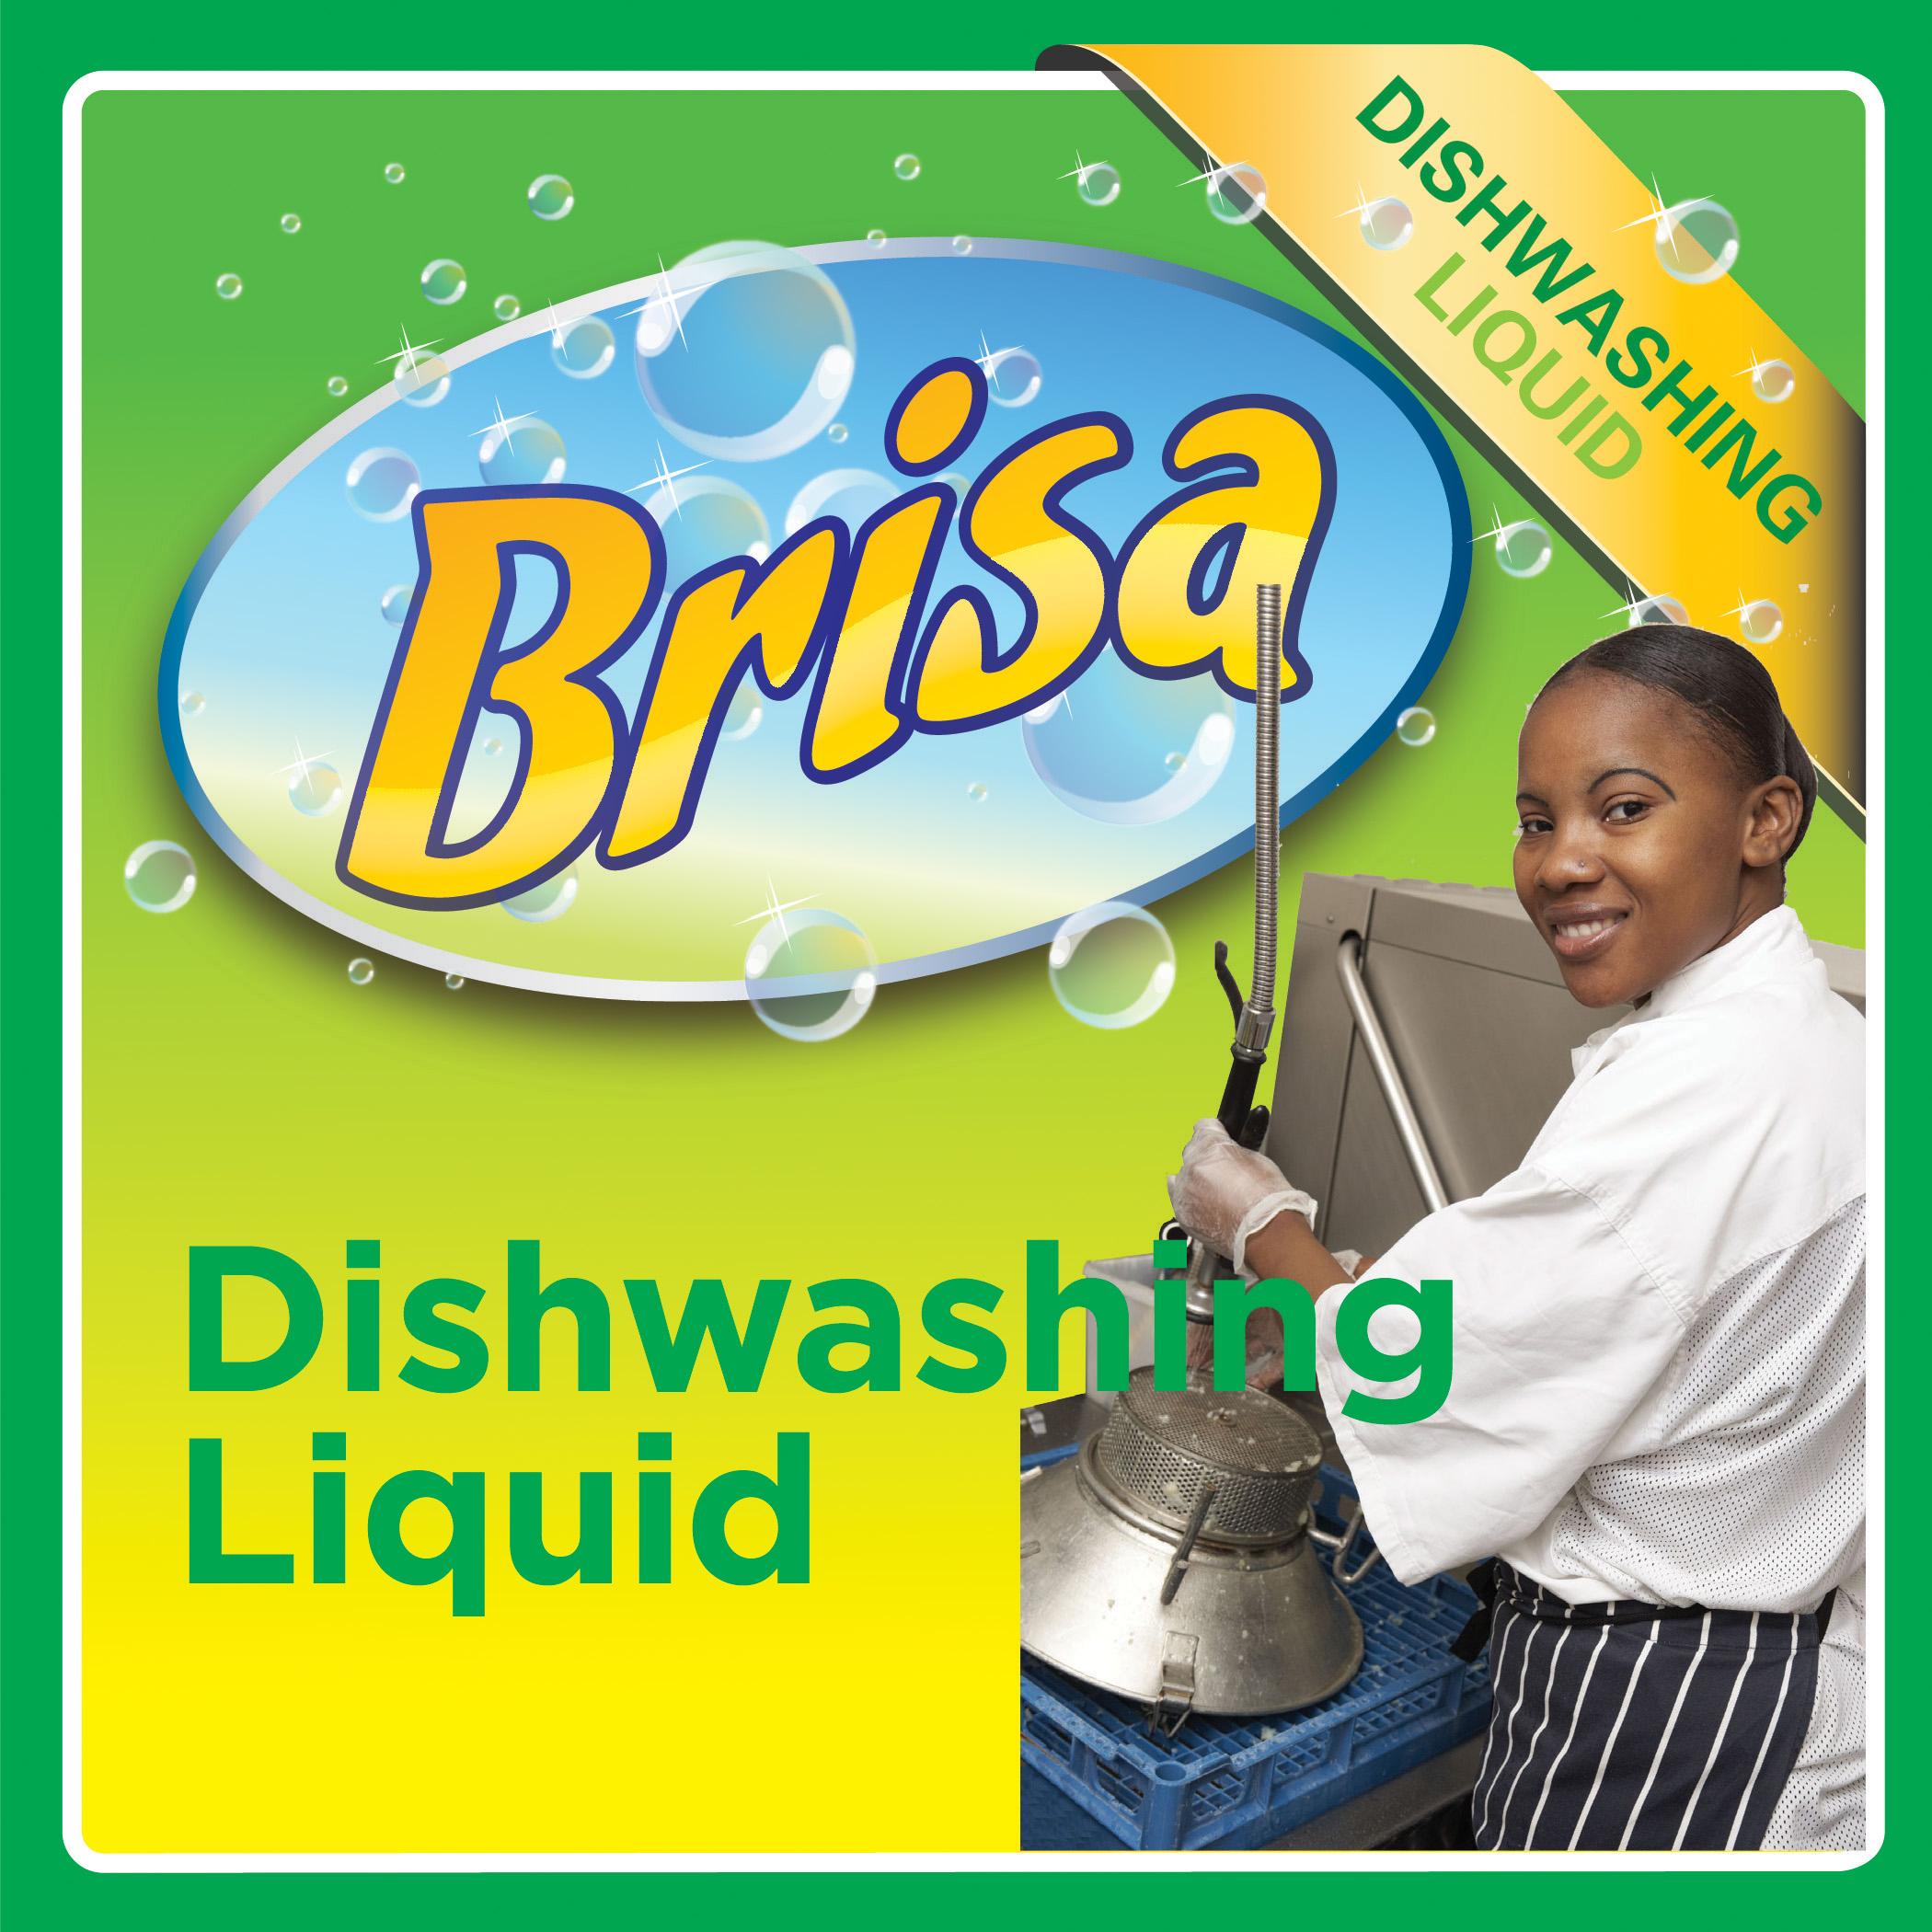 label-dishwashing liquid1.jpg